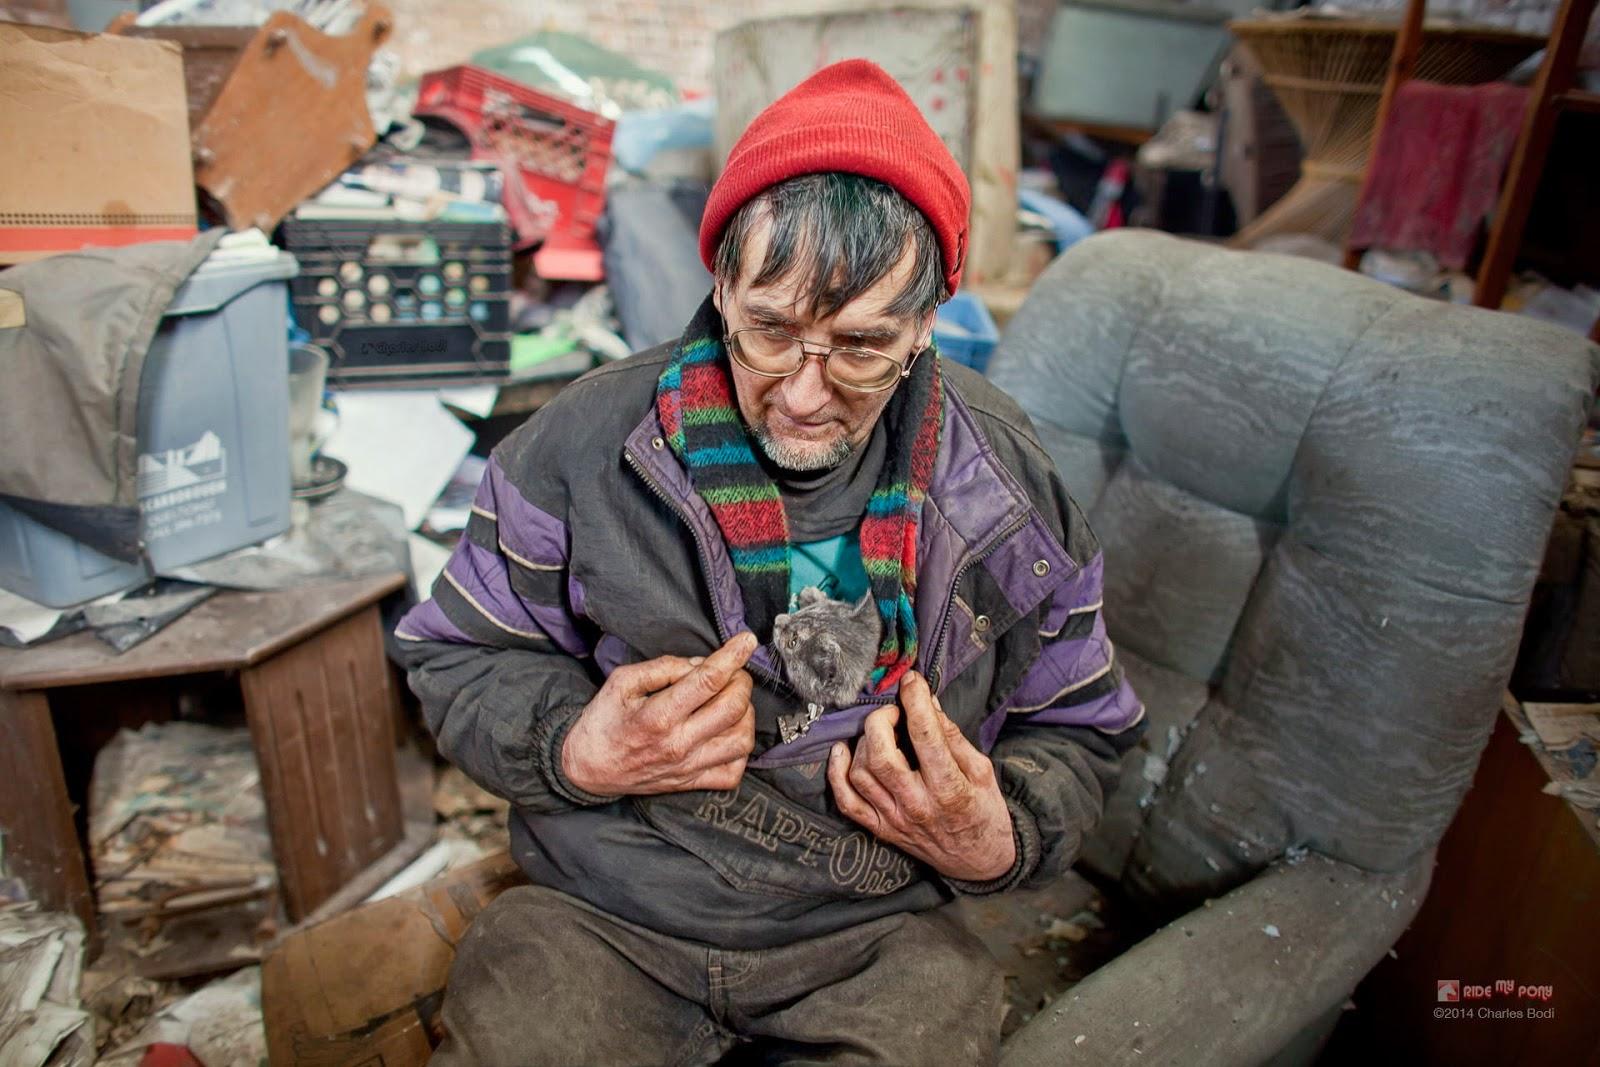 photo de charles bodi representant un vieil homme et un chat